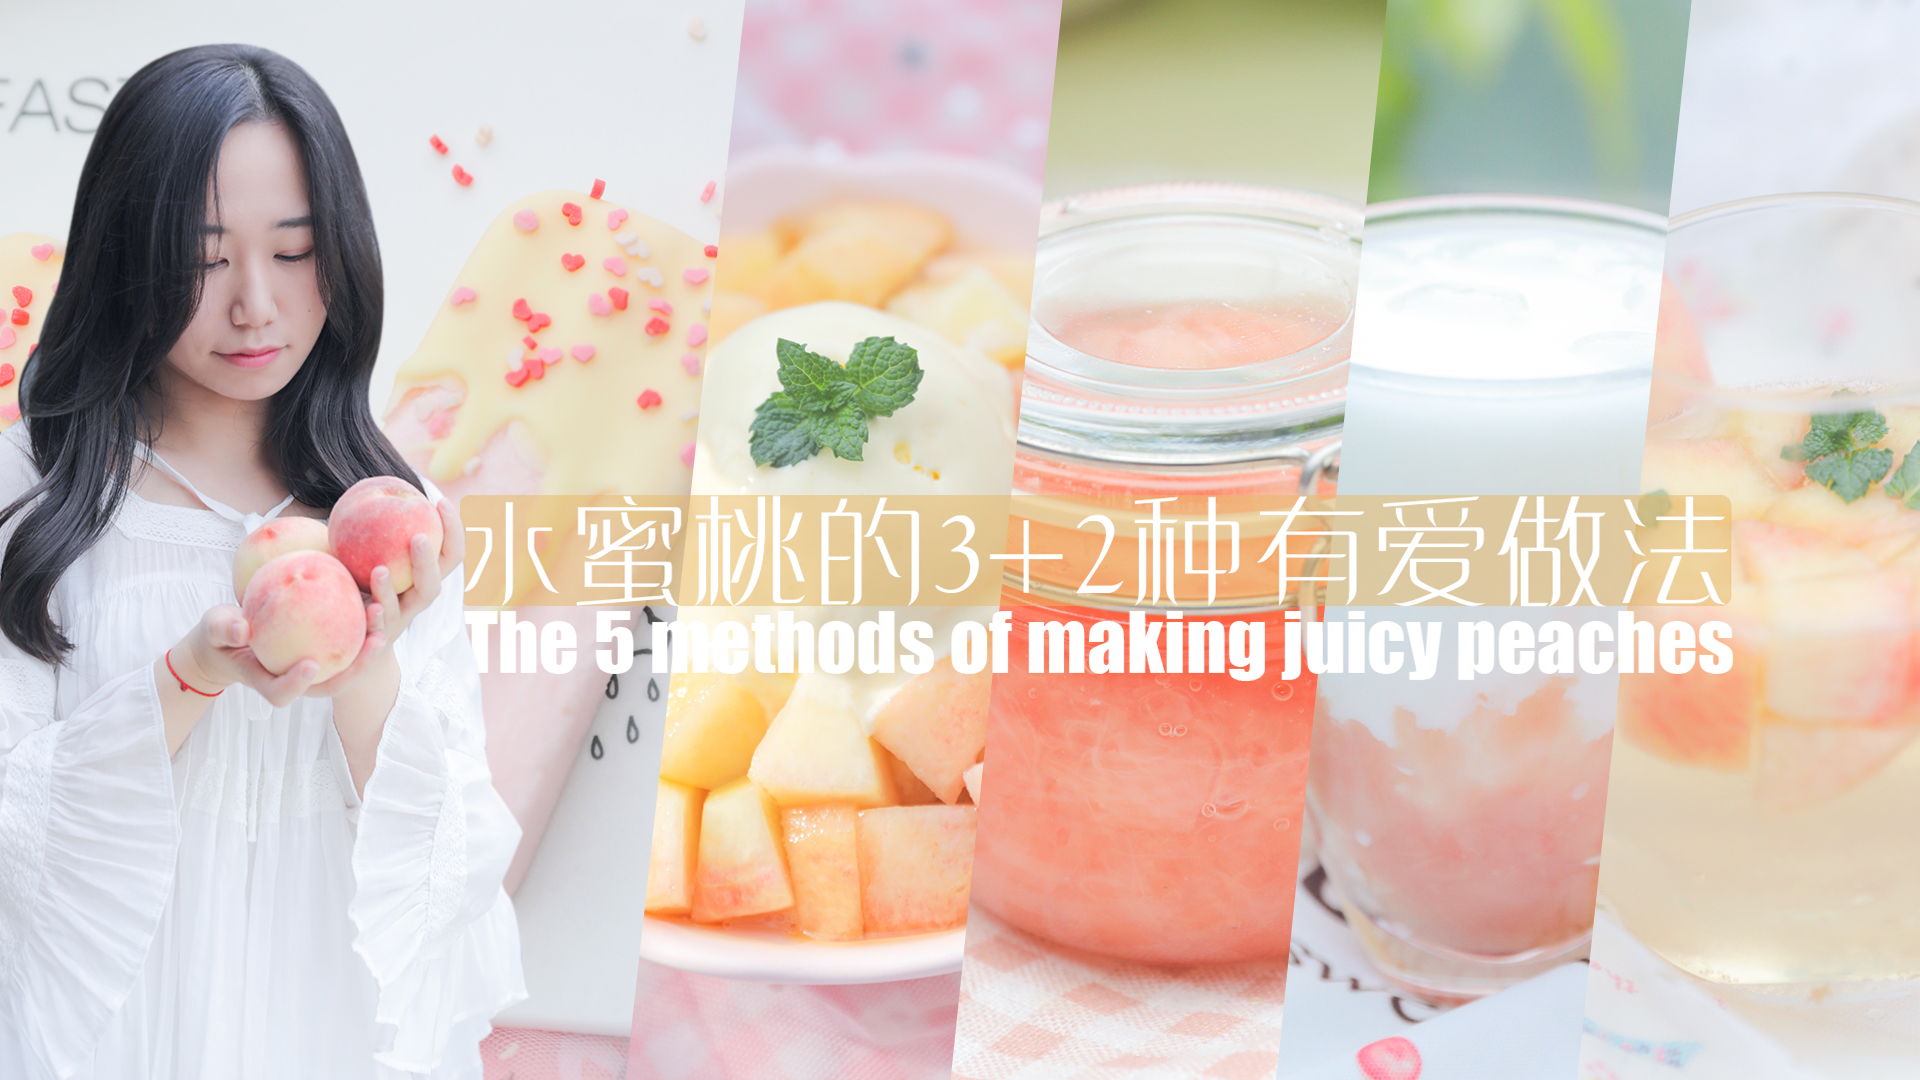 「厨娘物语」149水蜜桃的3+2种有爱做法